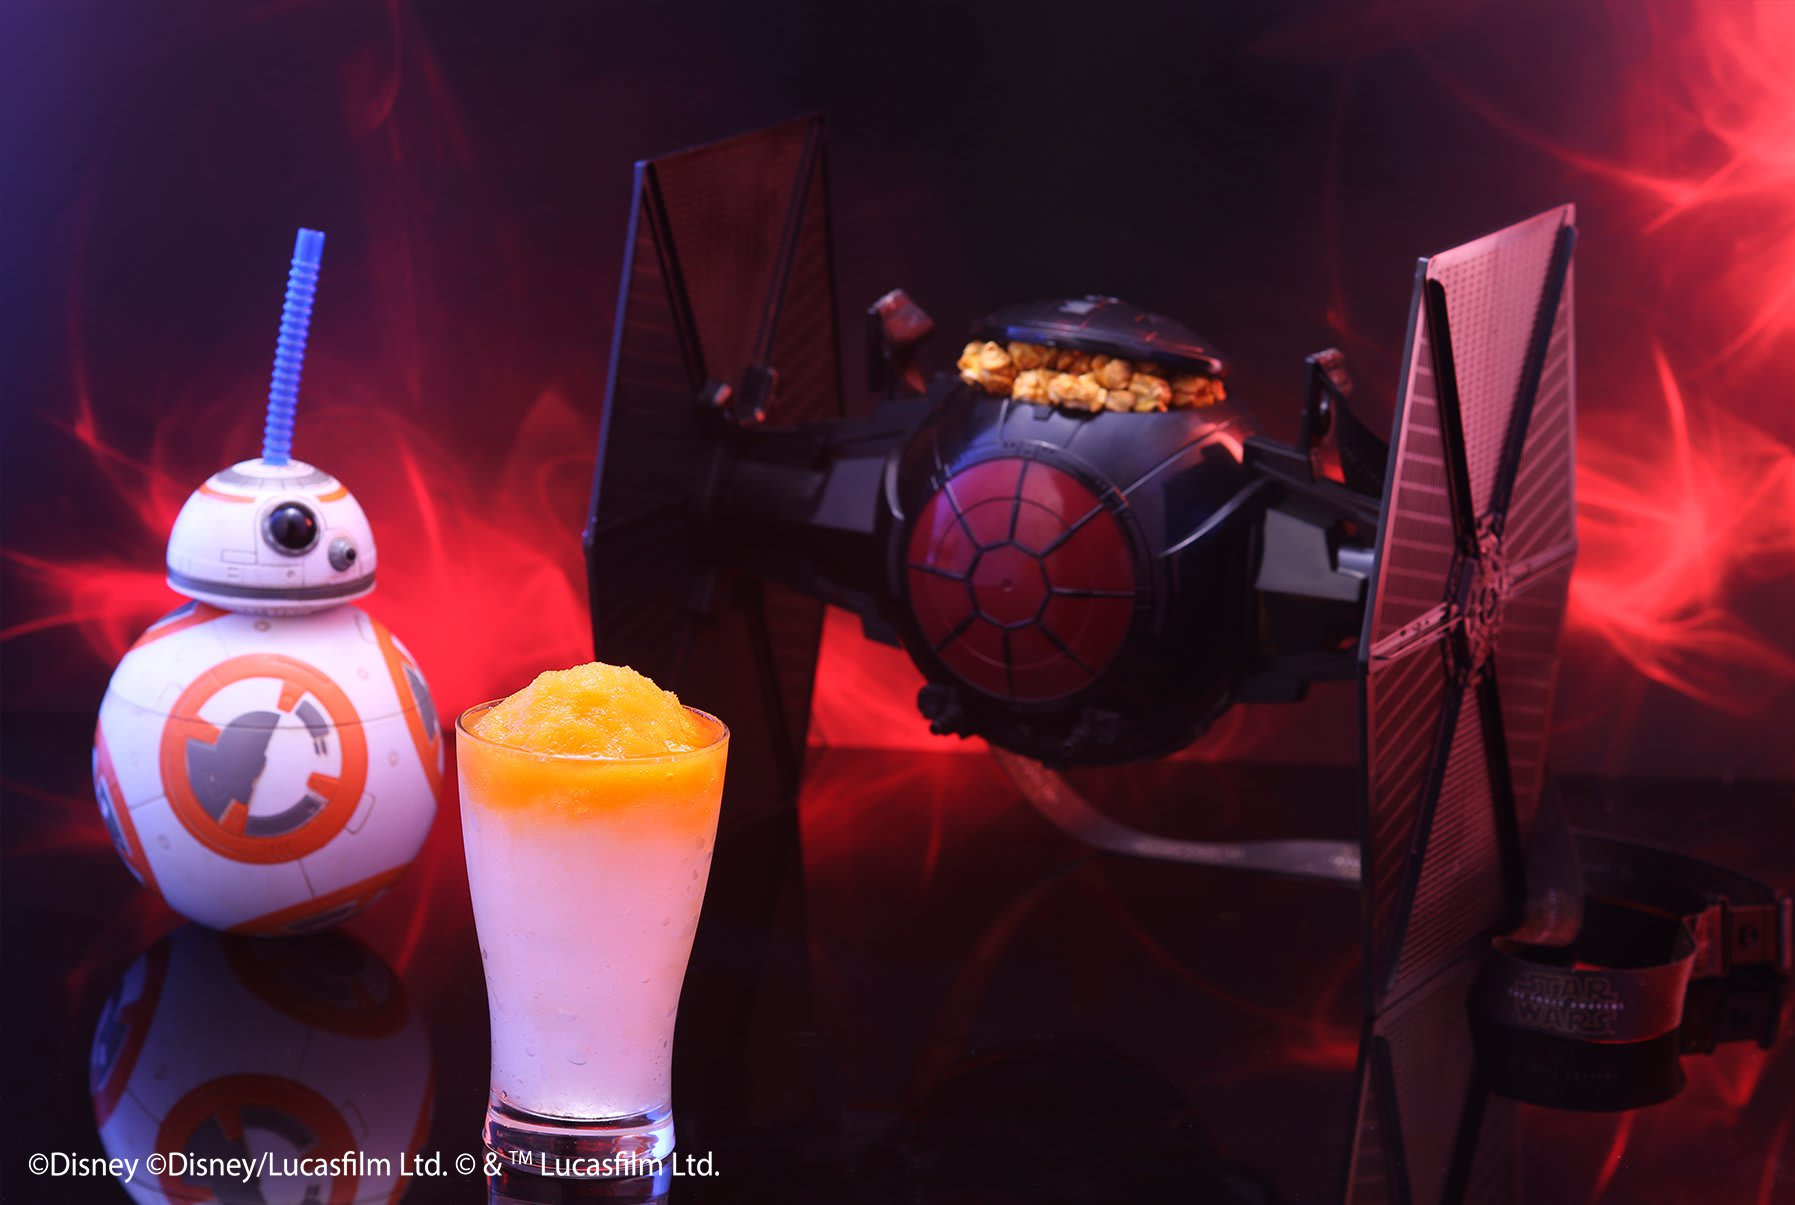 星戰前線 ( 無 論 是 BB-8機 器 人 飲 料桶 還 是 飛 行 器 爆 米 花 , 在 享 受 美 食 的 同 時 充 滿 驚 喜 )